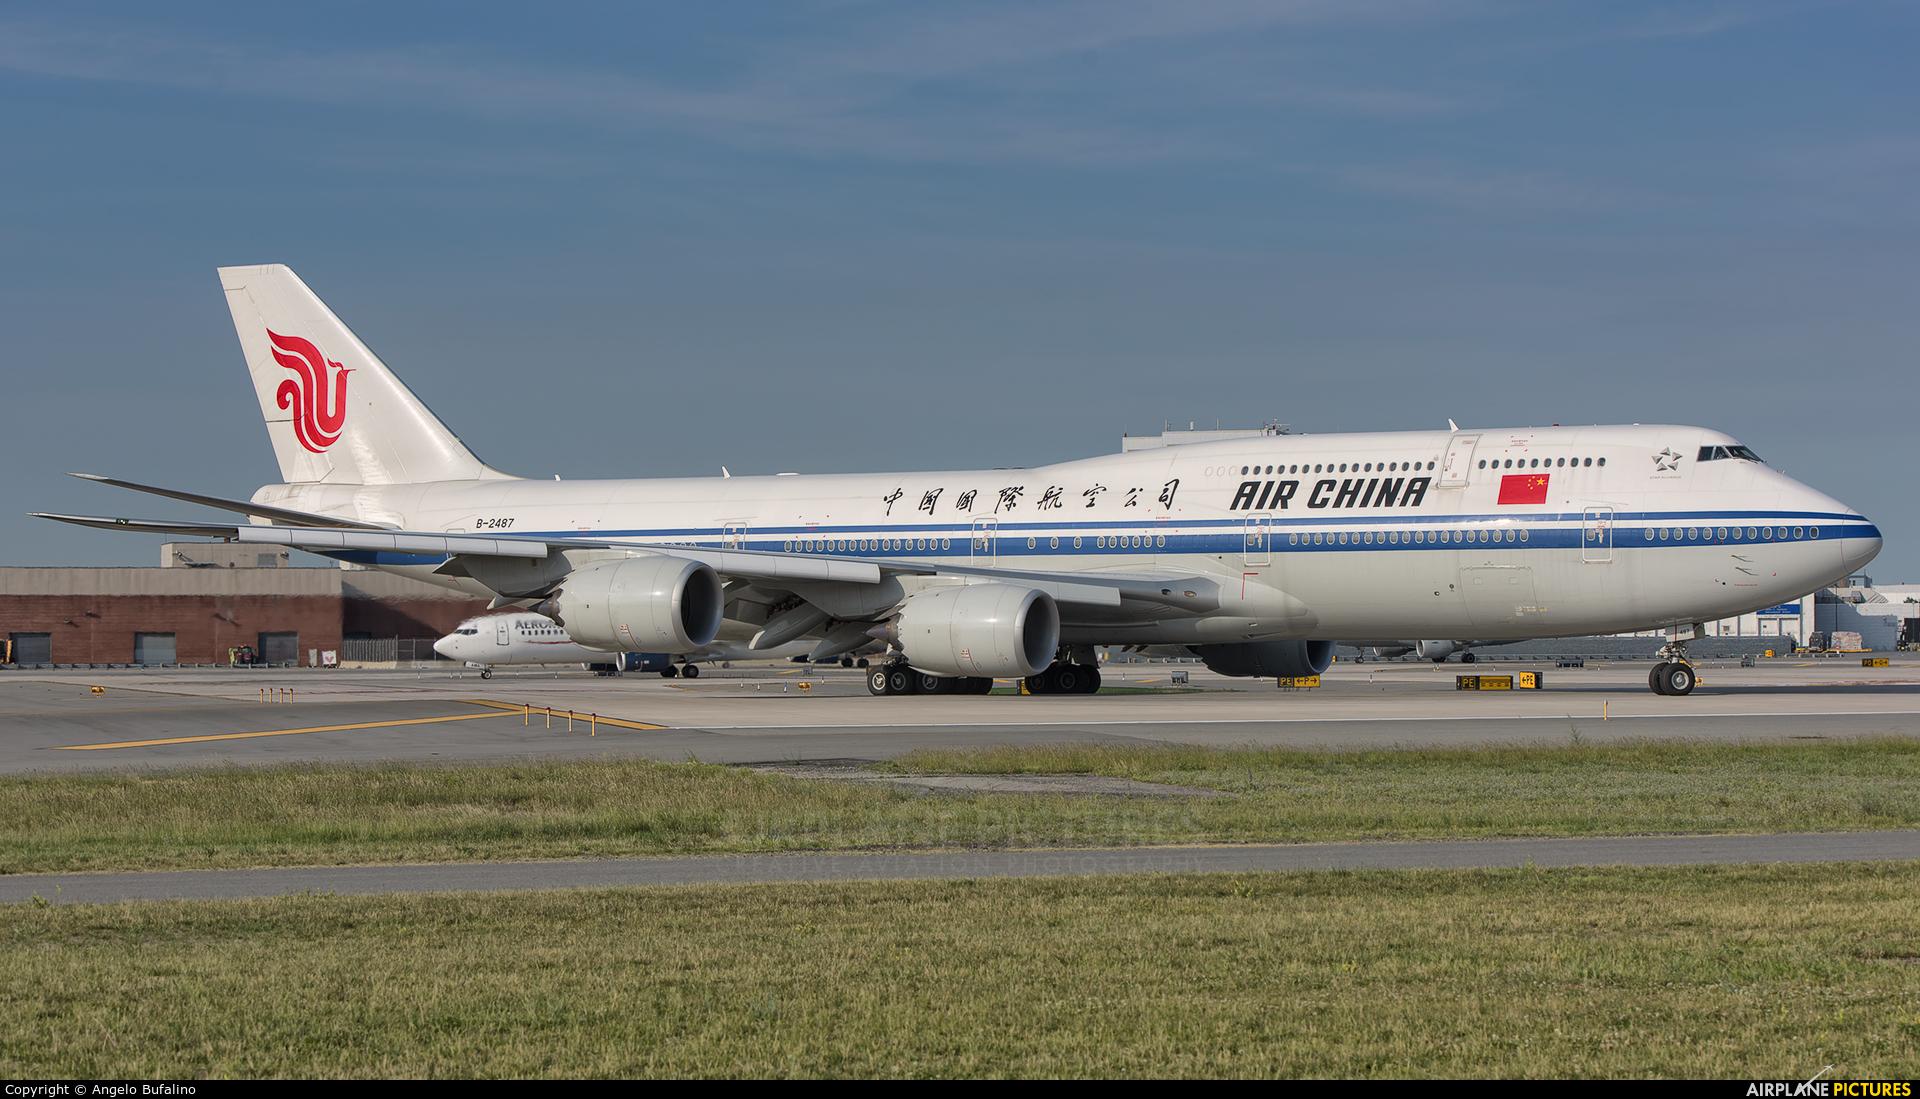 Air China B-2487 aircraft at New York - John F. Kennedy Intl